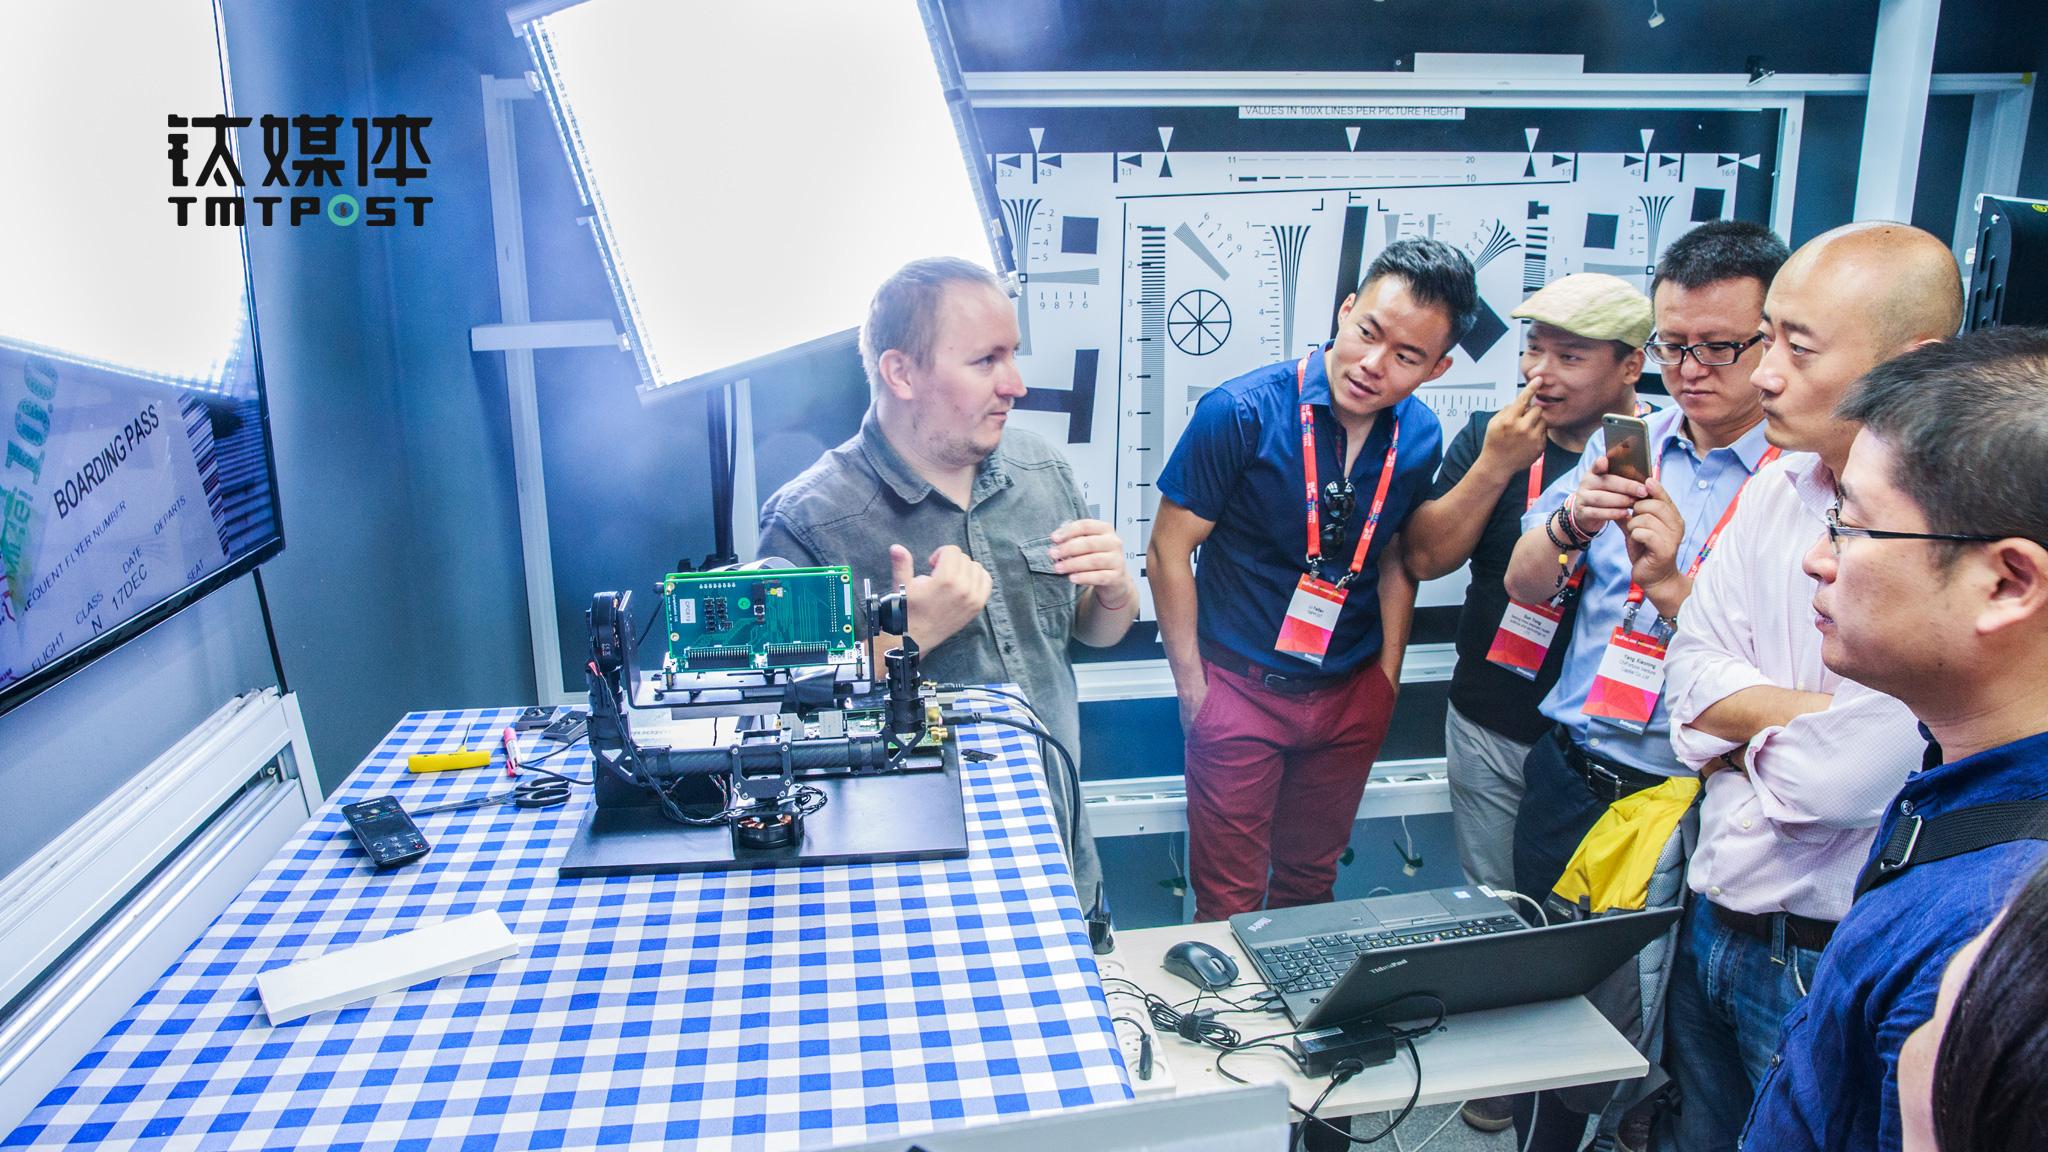 图为钛媒体考察团正在观摩双镜头技术的现场演示。(图/朱玲玉)